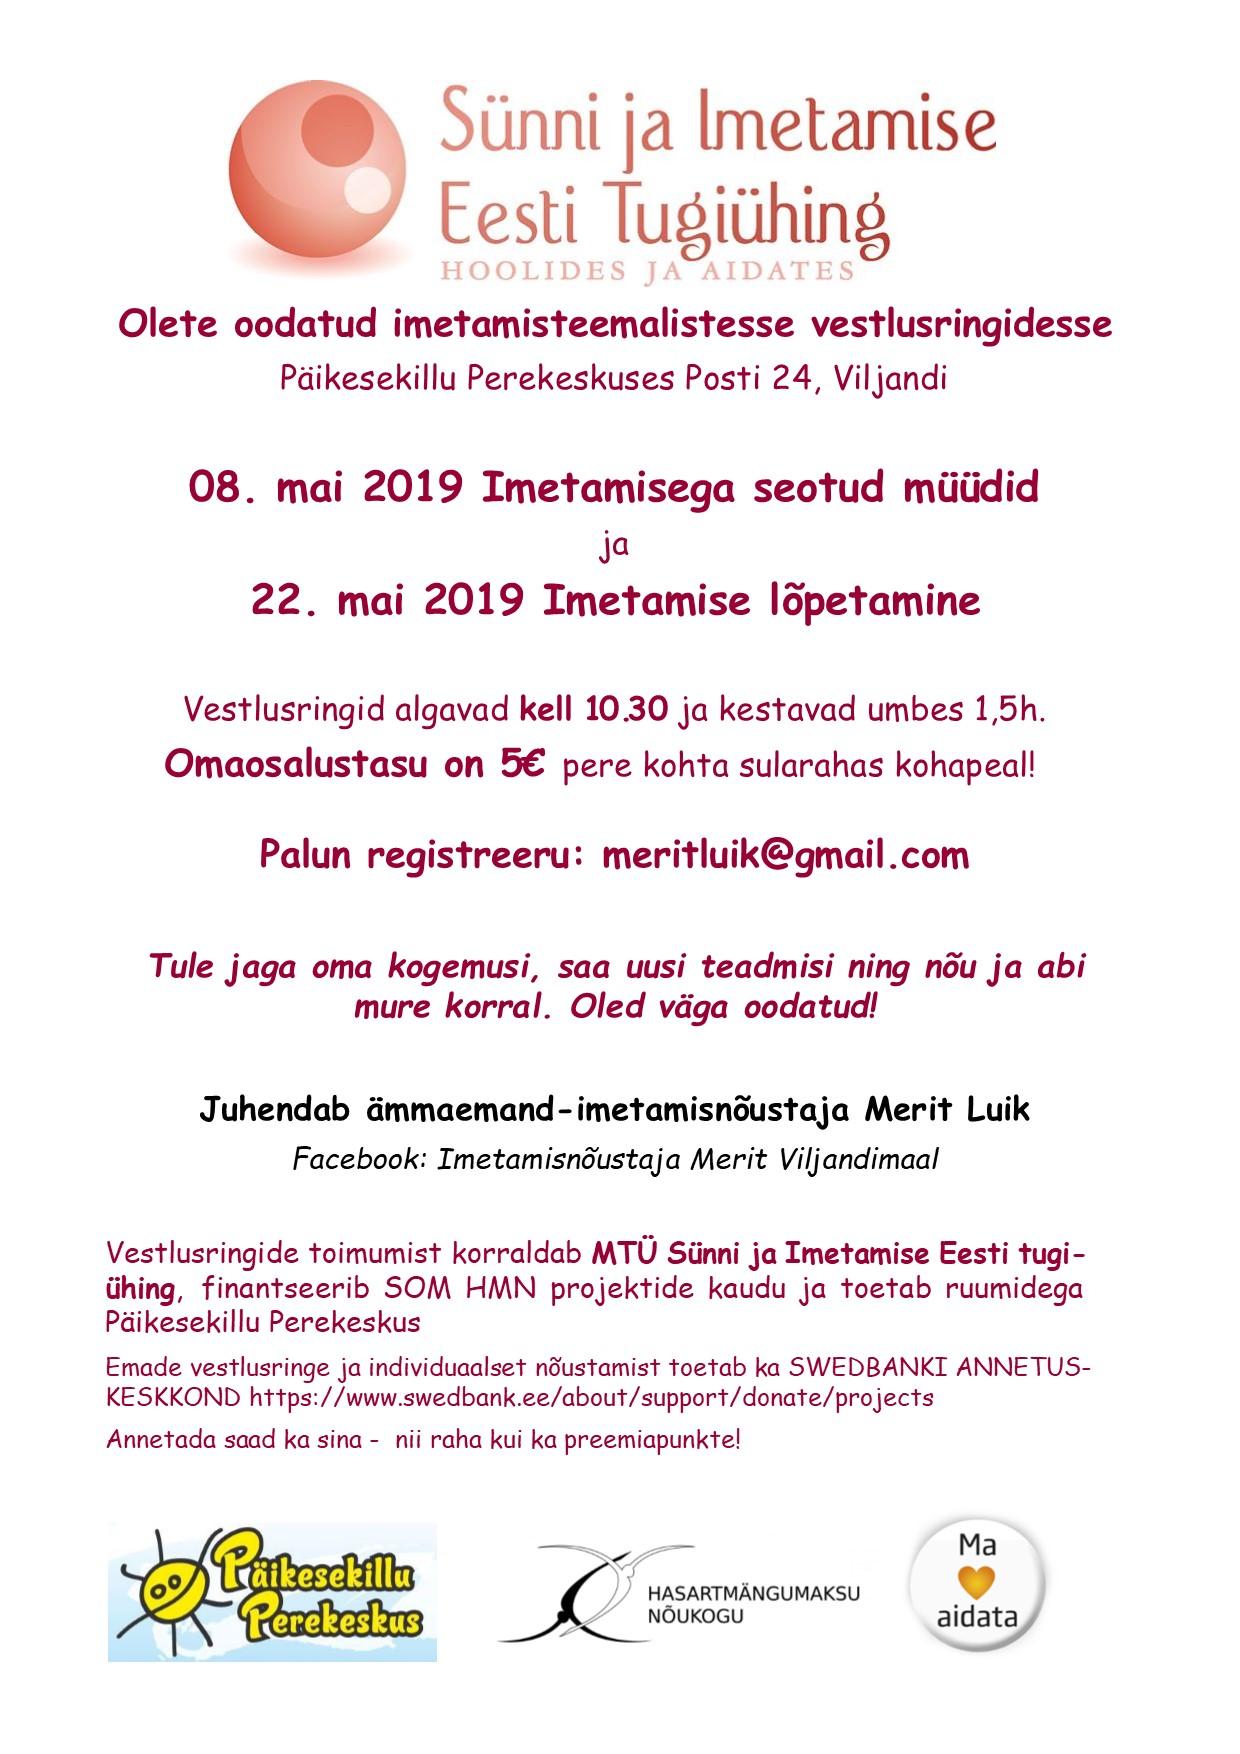 08.mai 2019 vestlusring Viljandis: Imetamisega seotud müüdid